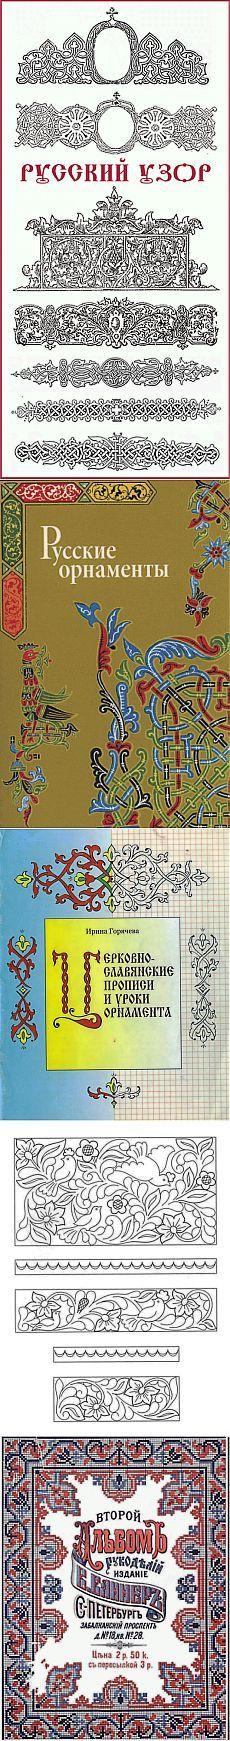 Русские орнаменты и узоры - clipartis Jimdo-Page! Скачать бесплатно фото, картинки, обои, рисунки, иконки, клипарты, шаблоны,…